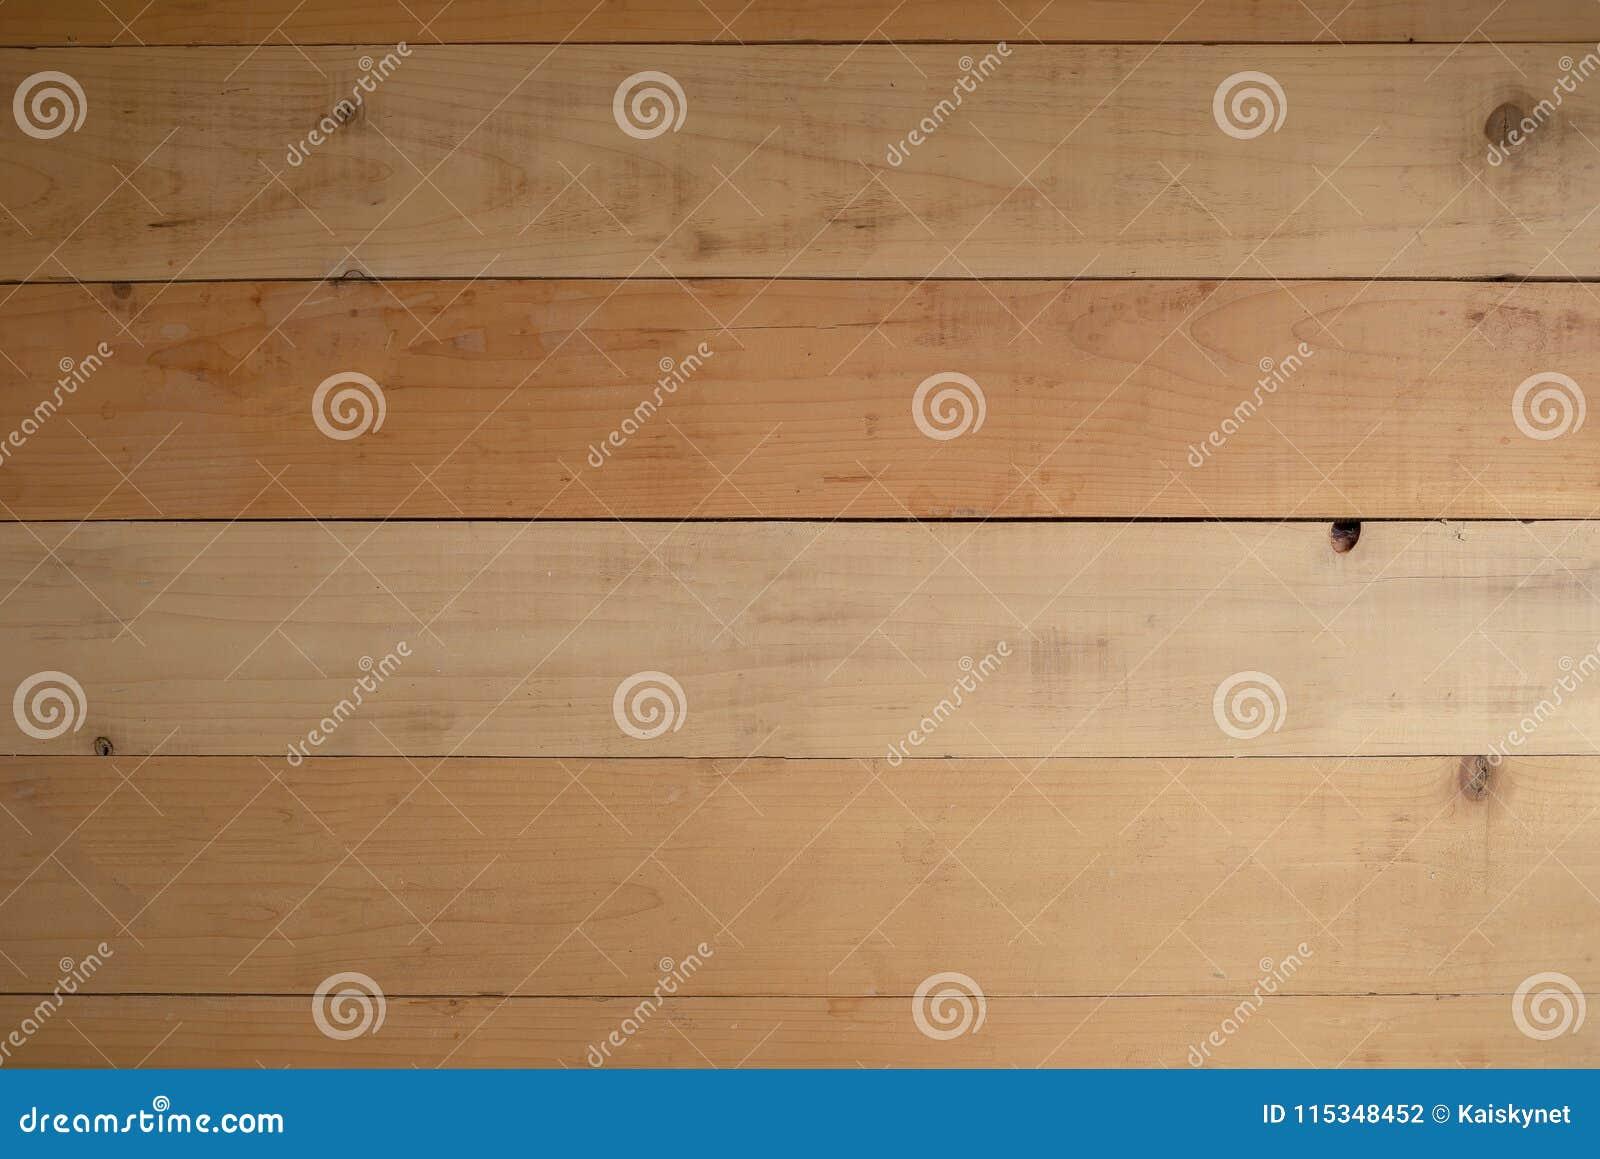 Fundo ou textura de madeira da parede fundo natural da madeira do teste padrão